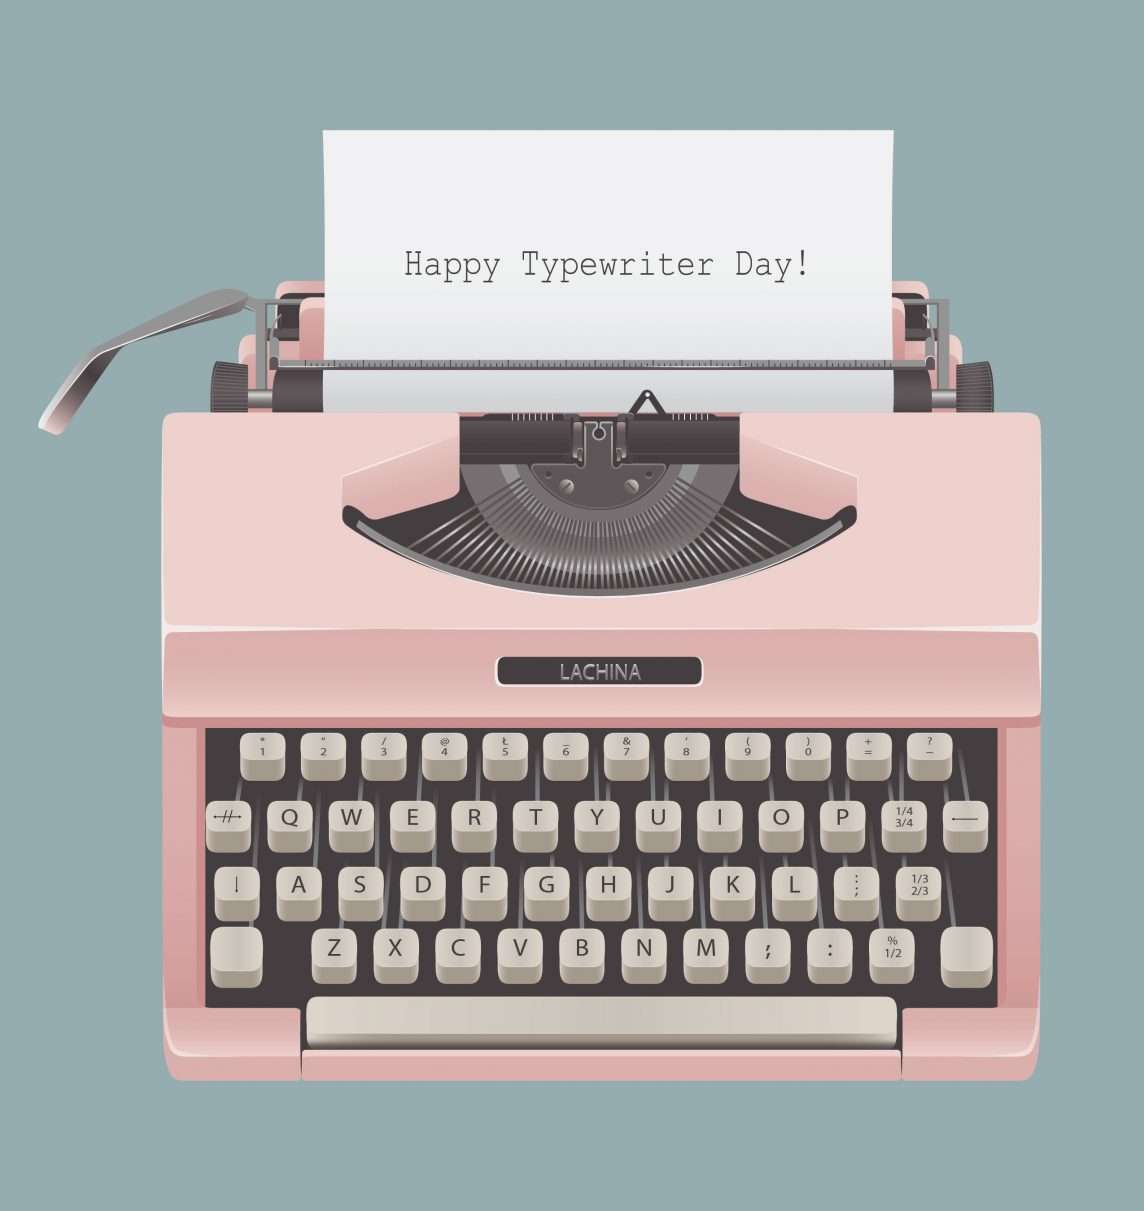 Typewriter Day